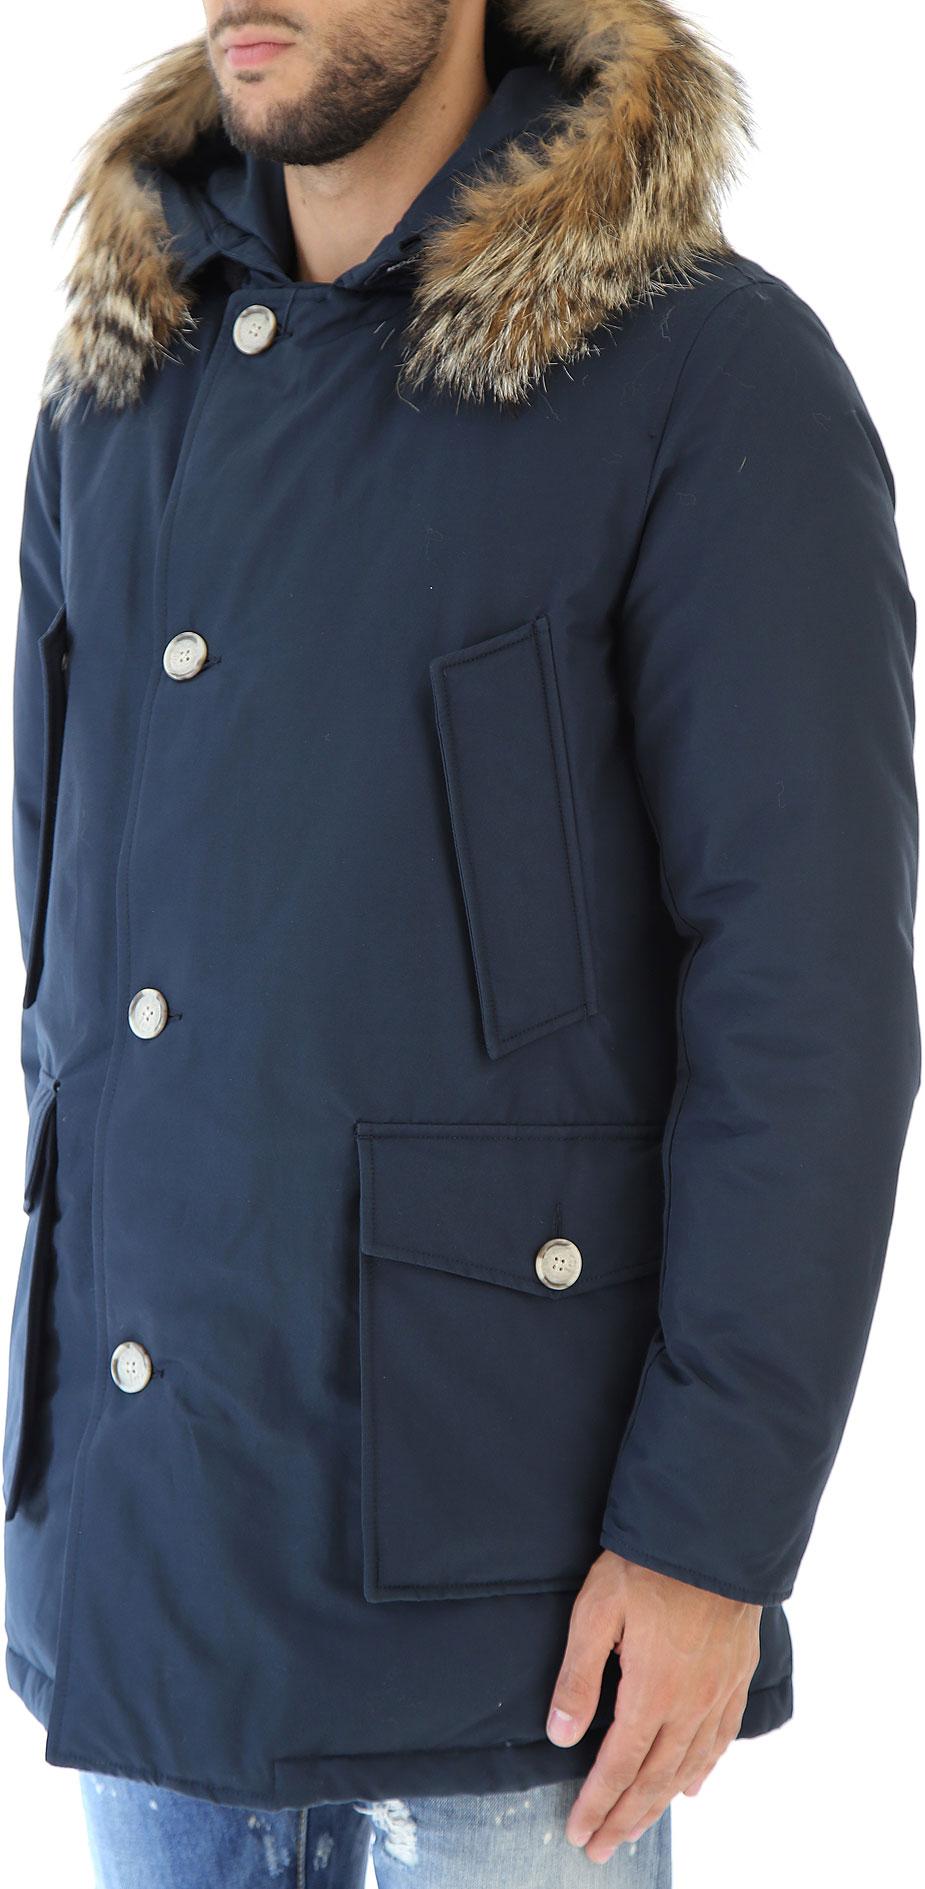 Abbigliamento Articolo Codice Woolrich Abbigliamento Codice cn01 Articolo Uomo dkn w0cps1674 Uomo Woolrich dtqnFq0x